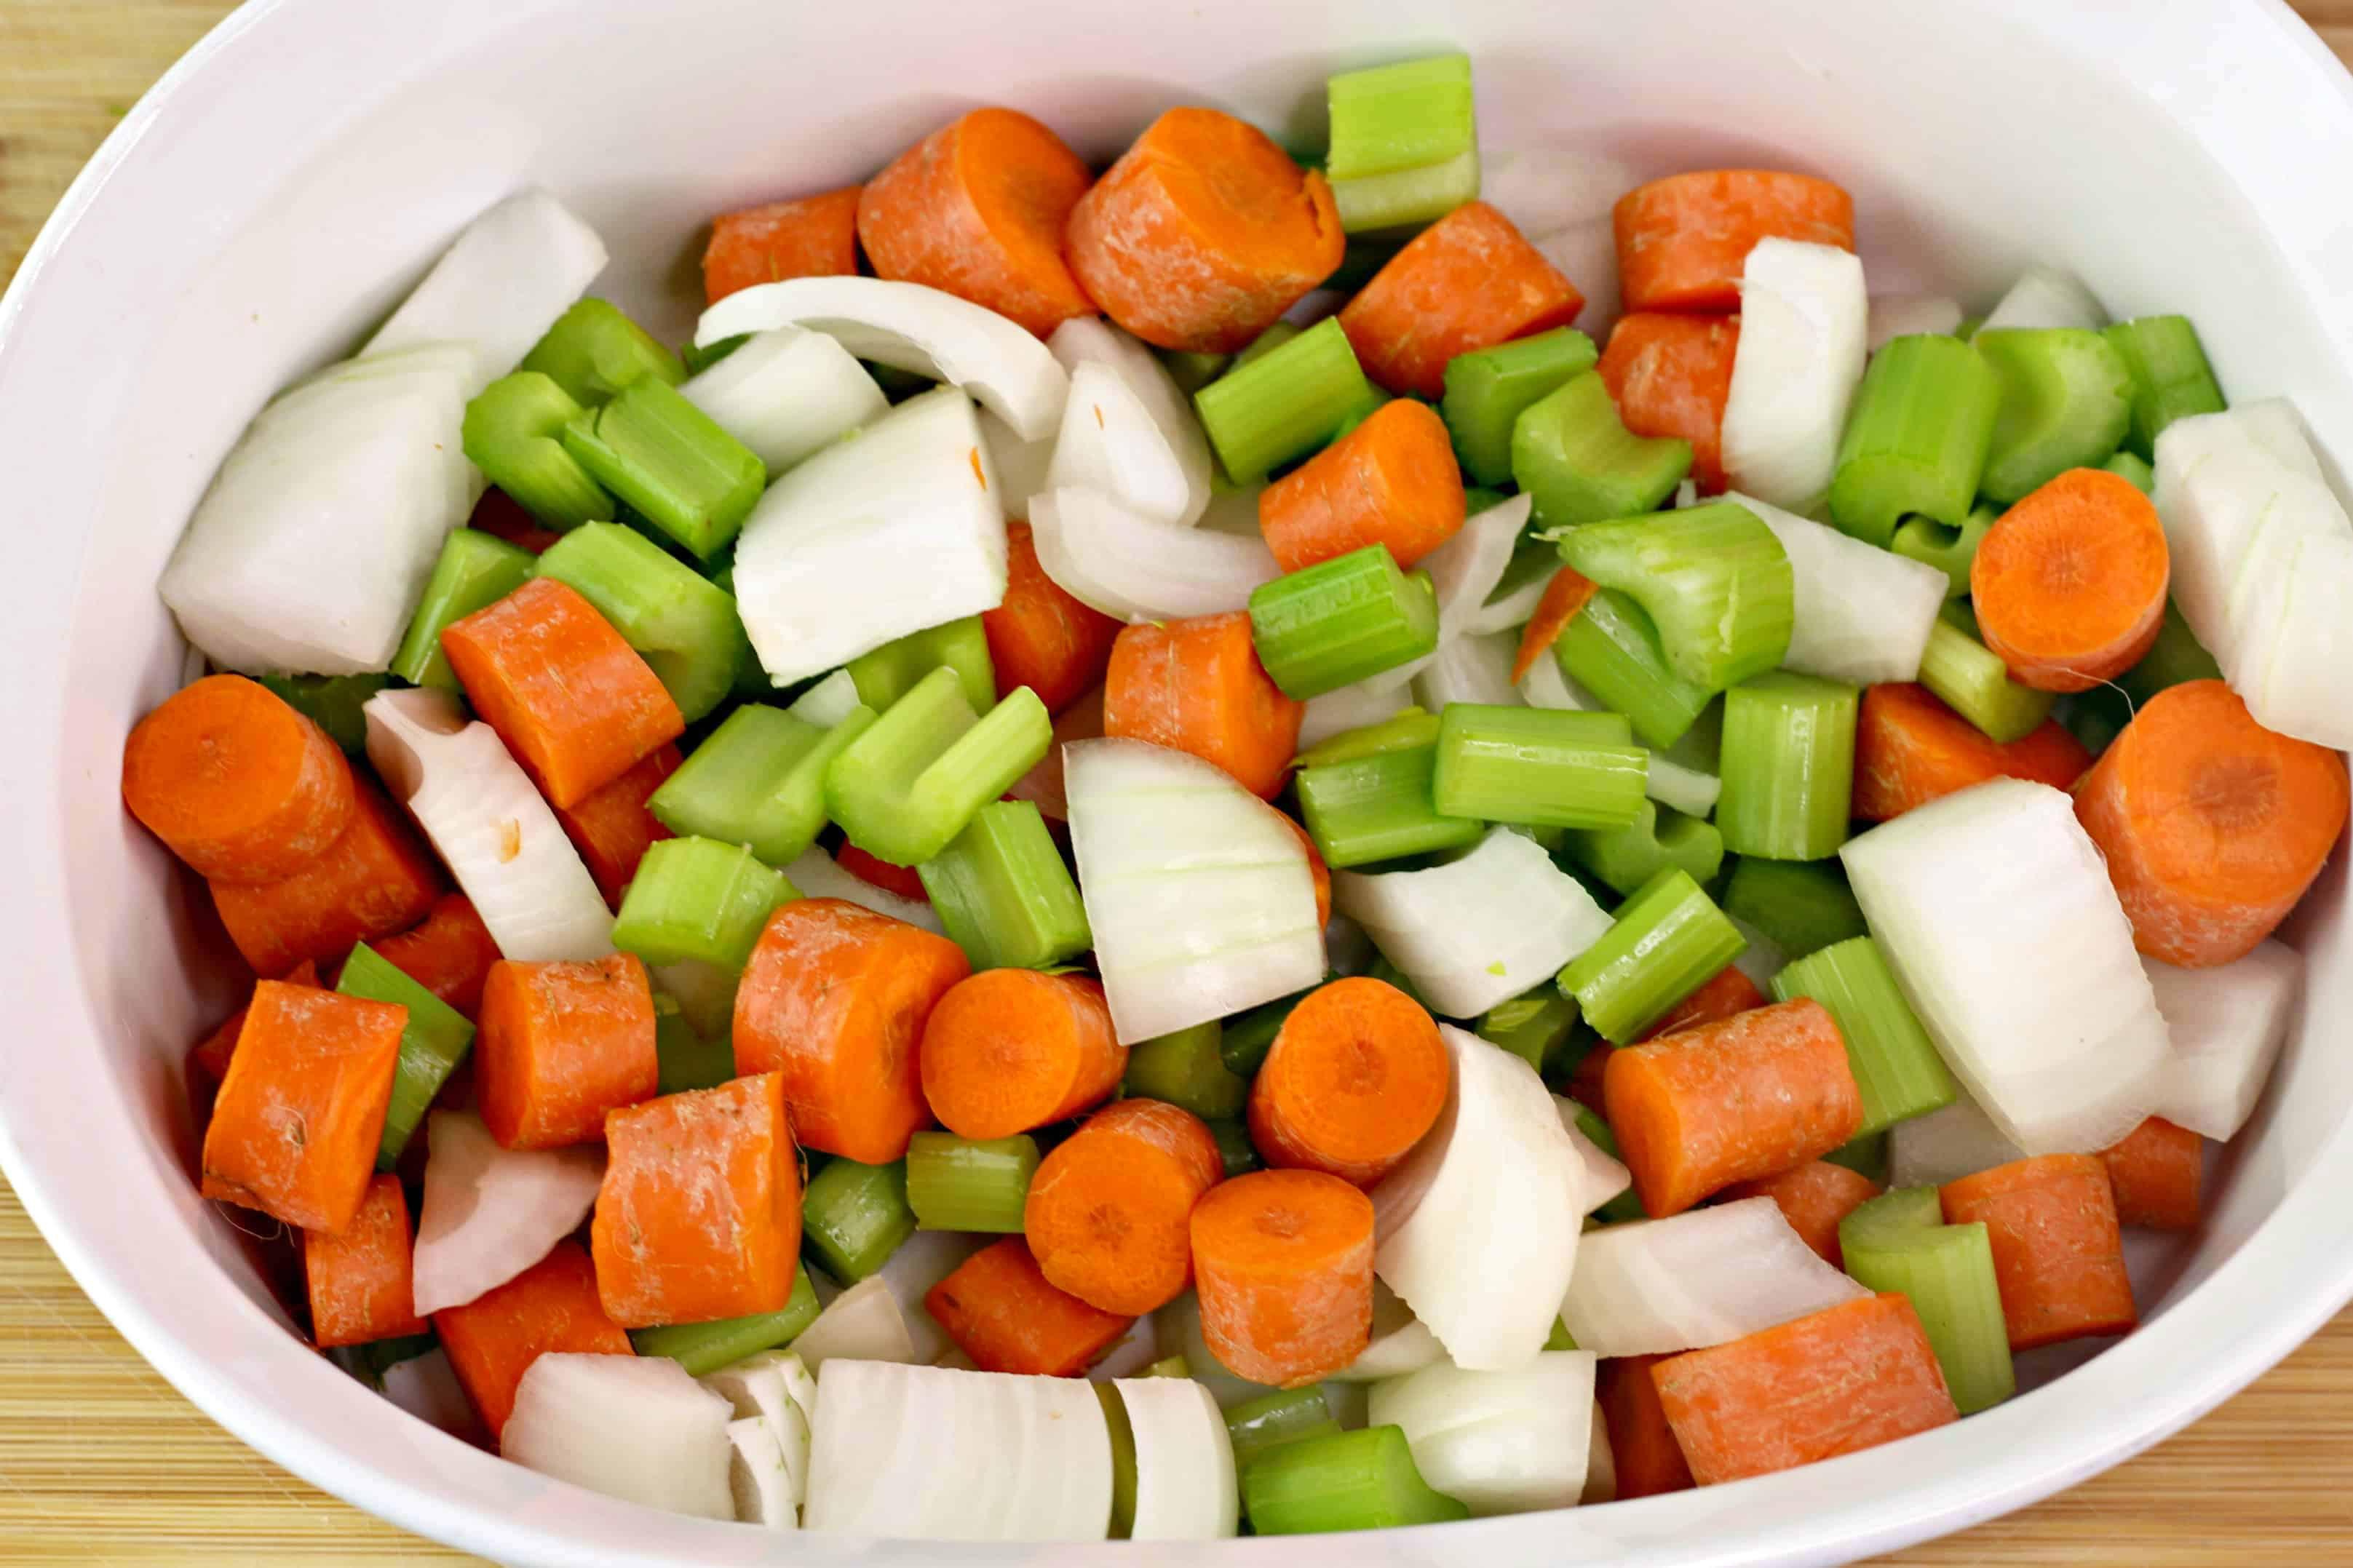 veggies in a casserole dish